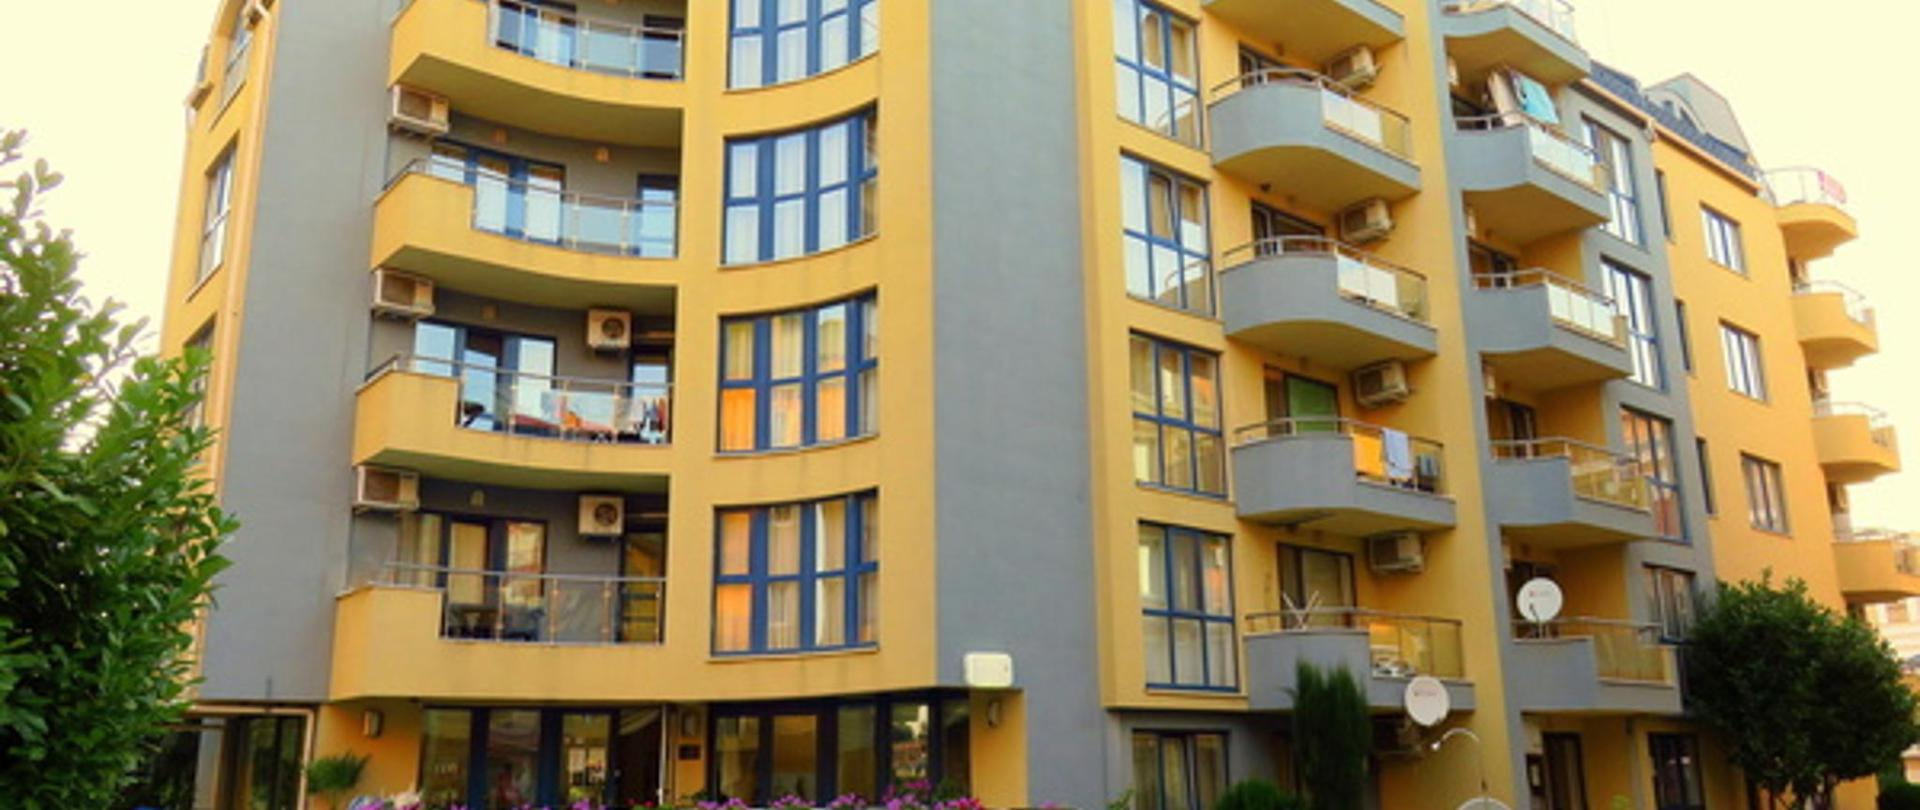 Aquaria_facade.jpg